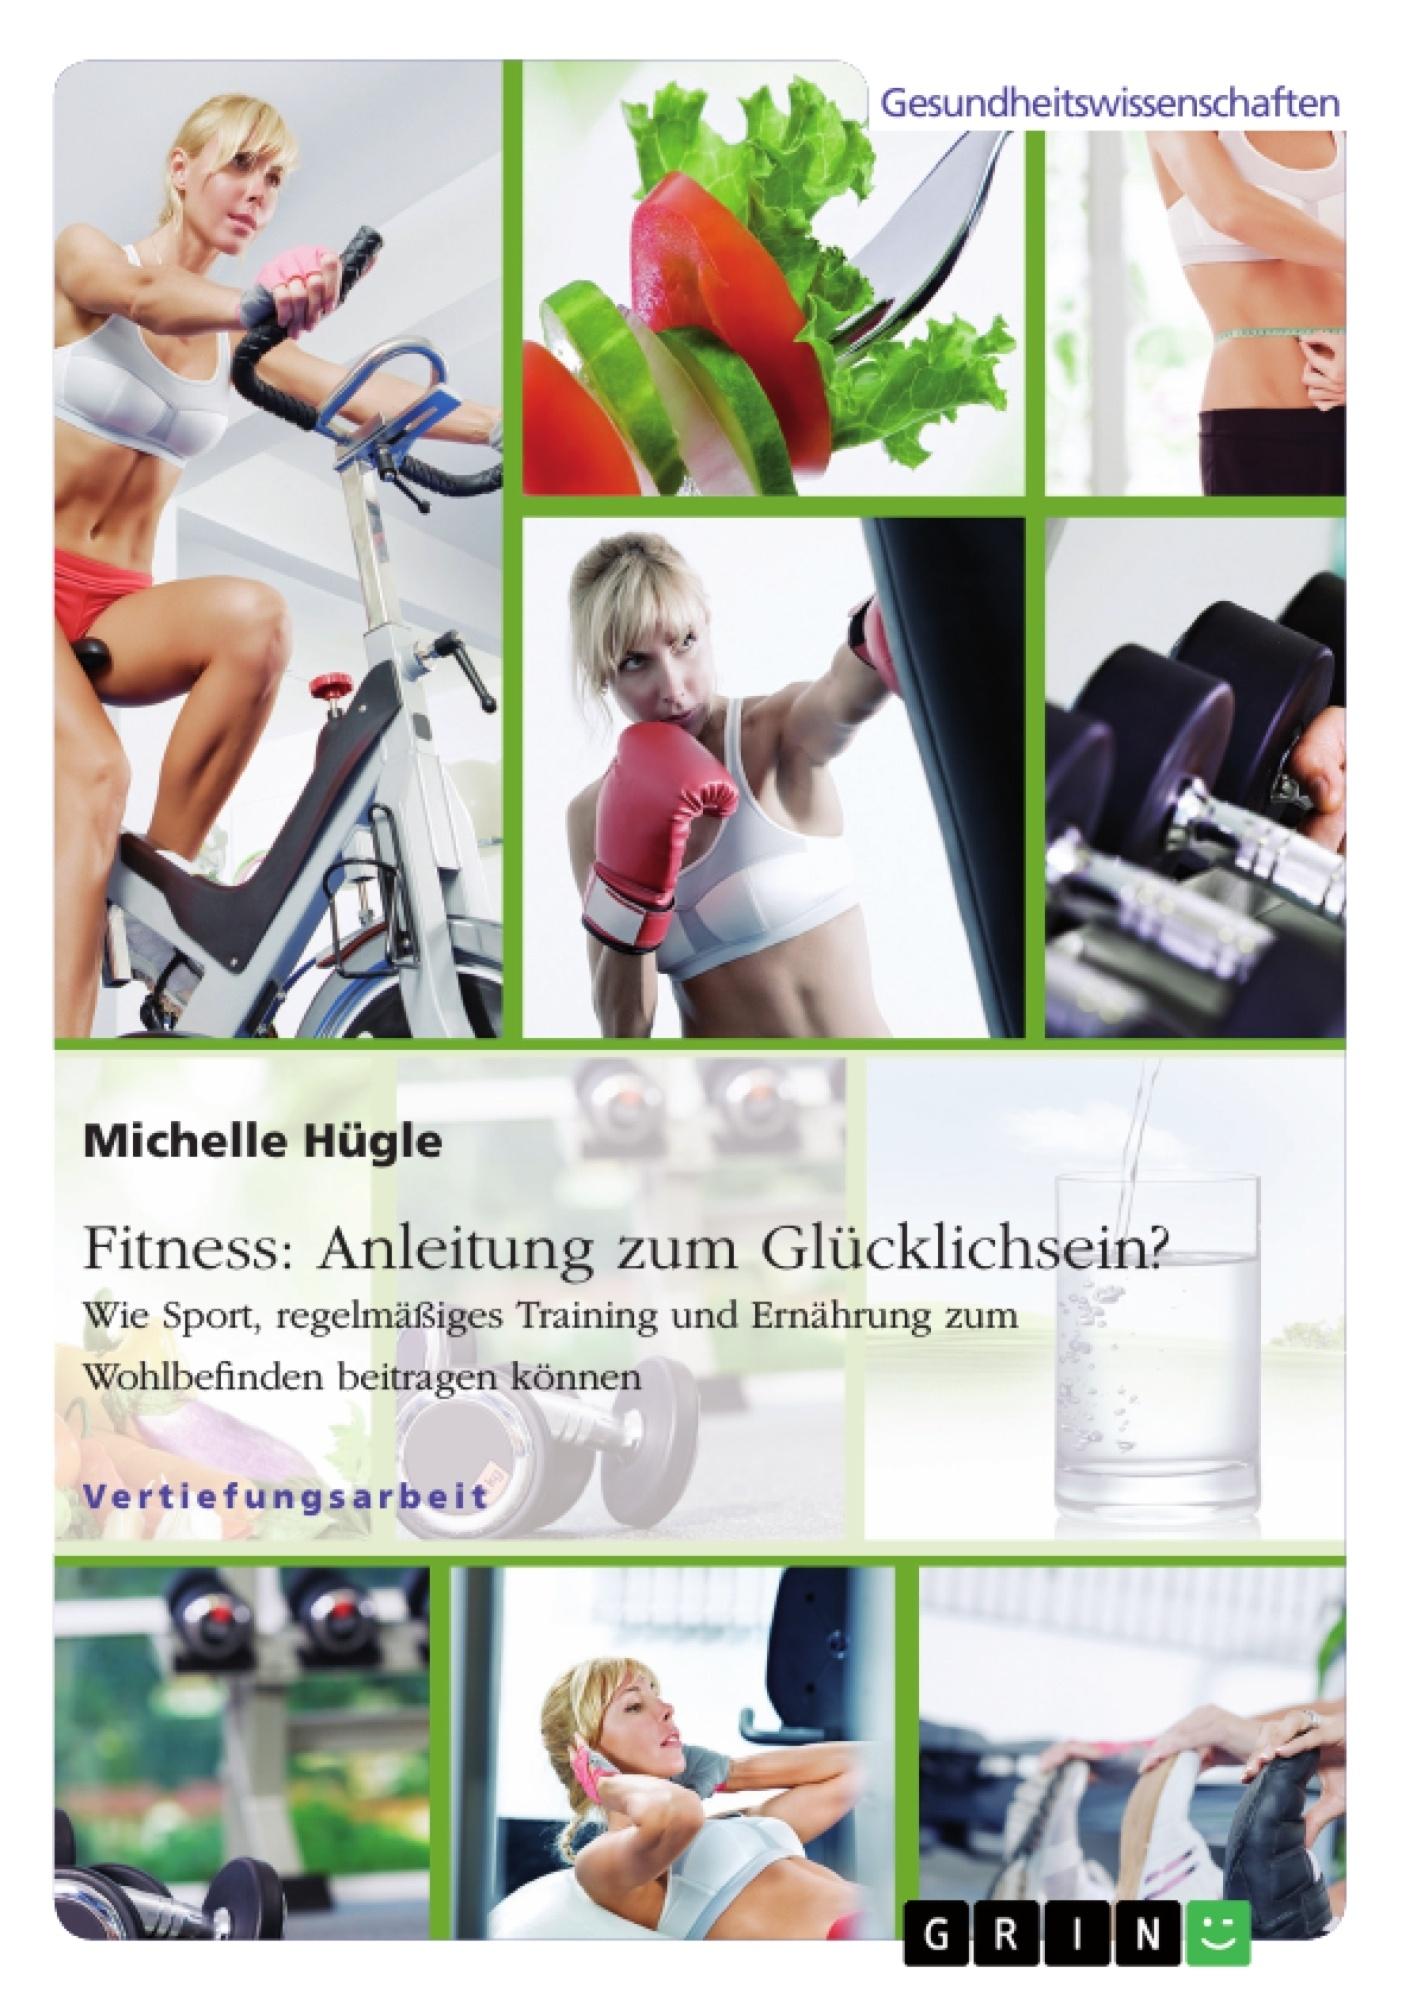 Titel: Fitness: Anleitung zum Glücklichsein? Wie Sport, regelmäßiges Training und Ernährung zum Wohlbefinden beitragen können